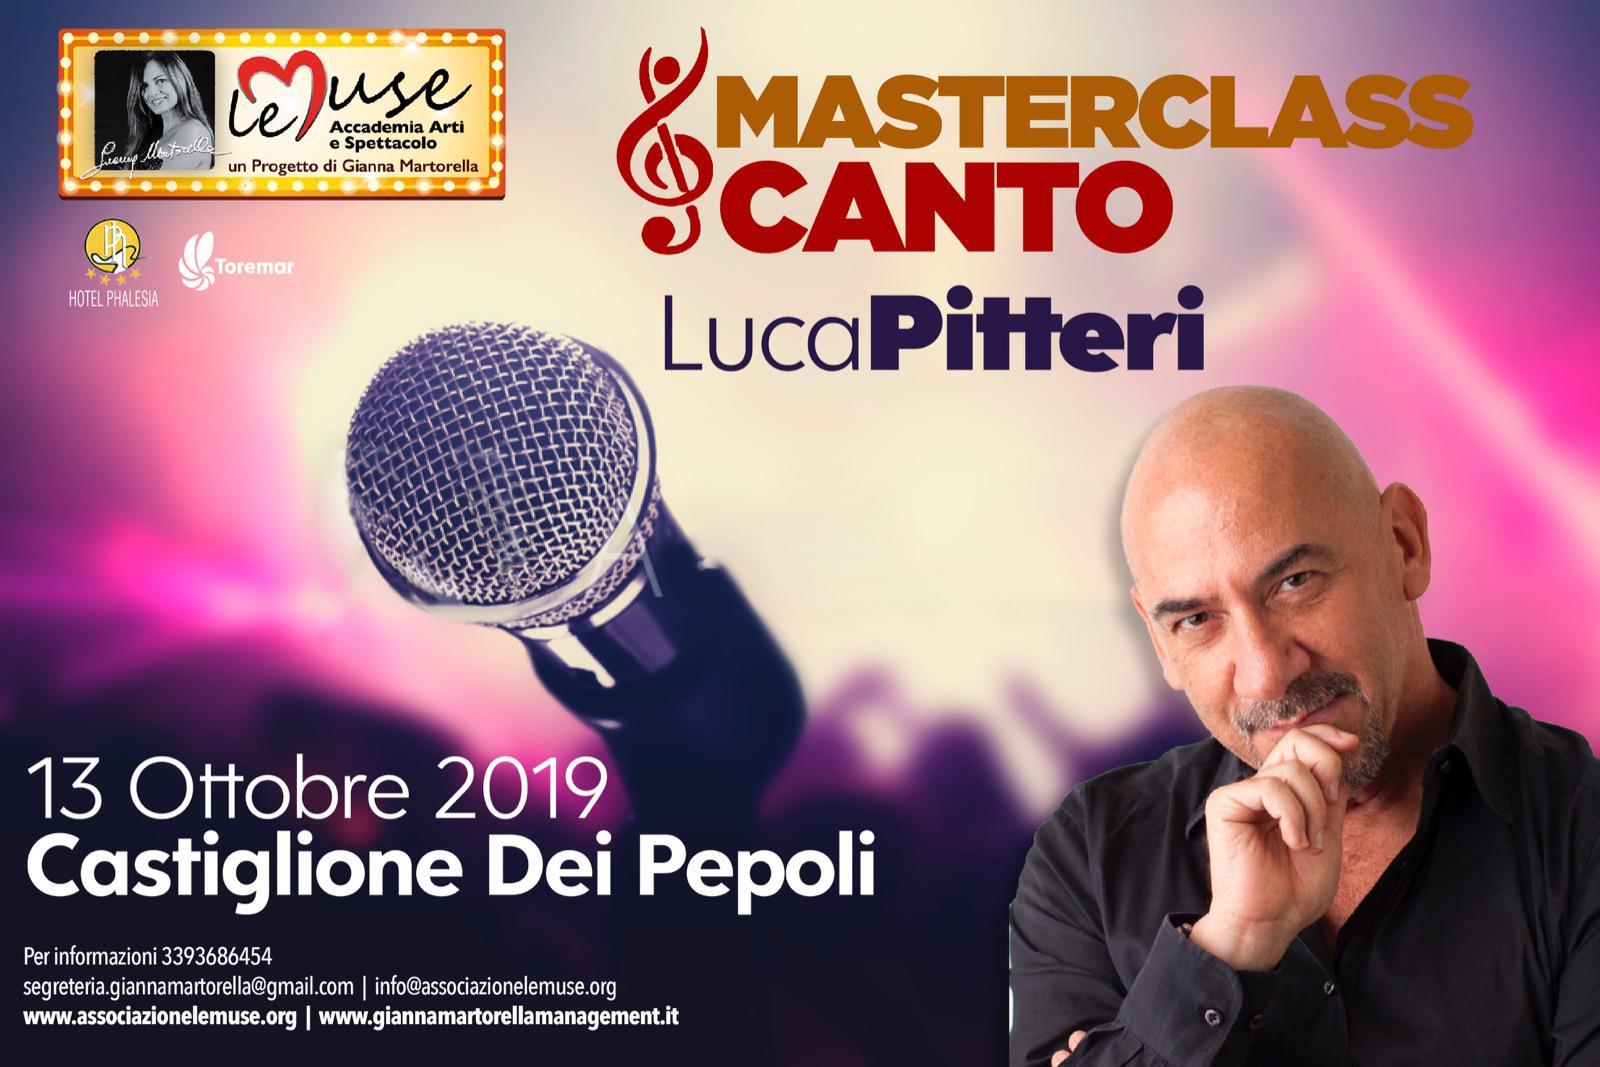 13 ottobre 2019 Masterclass di canto con il Maestro Luca Pitteri